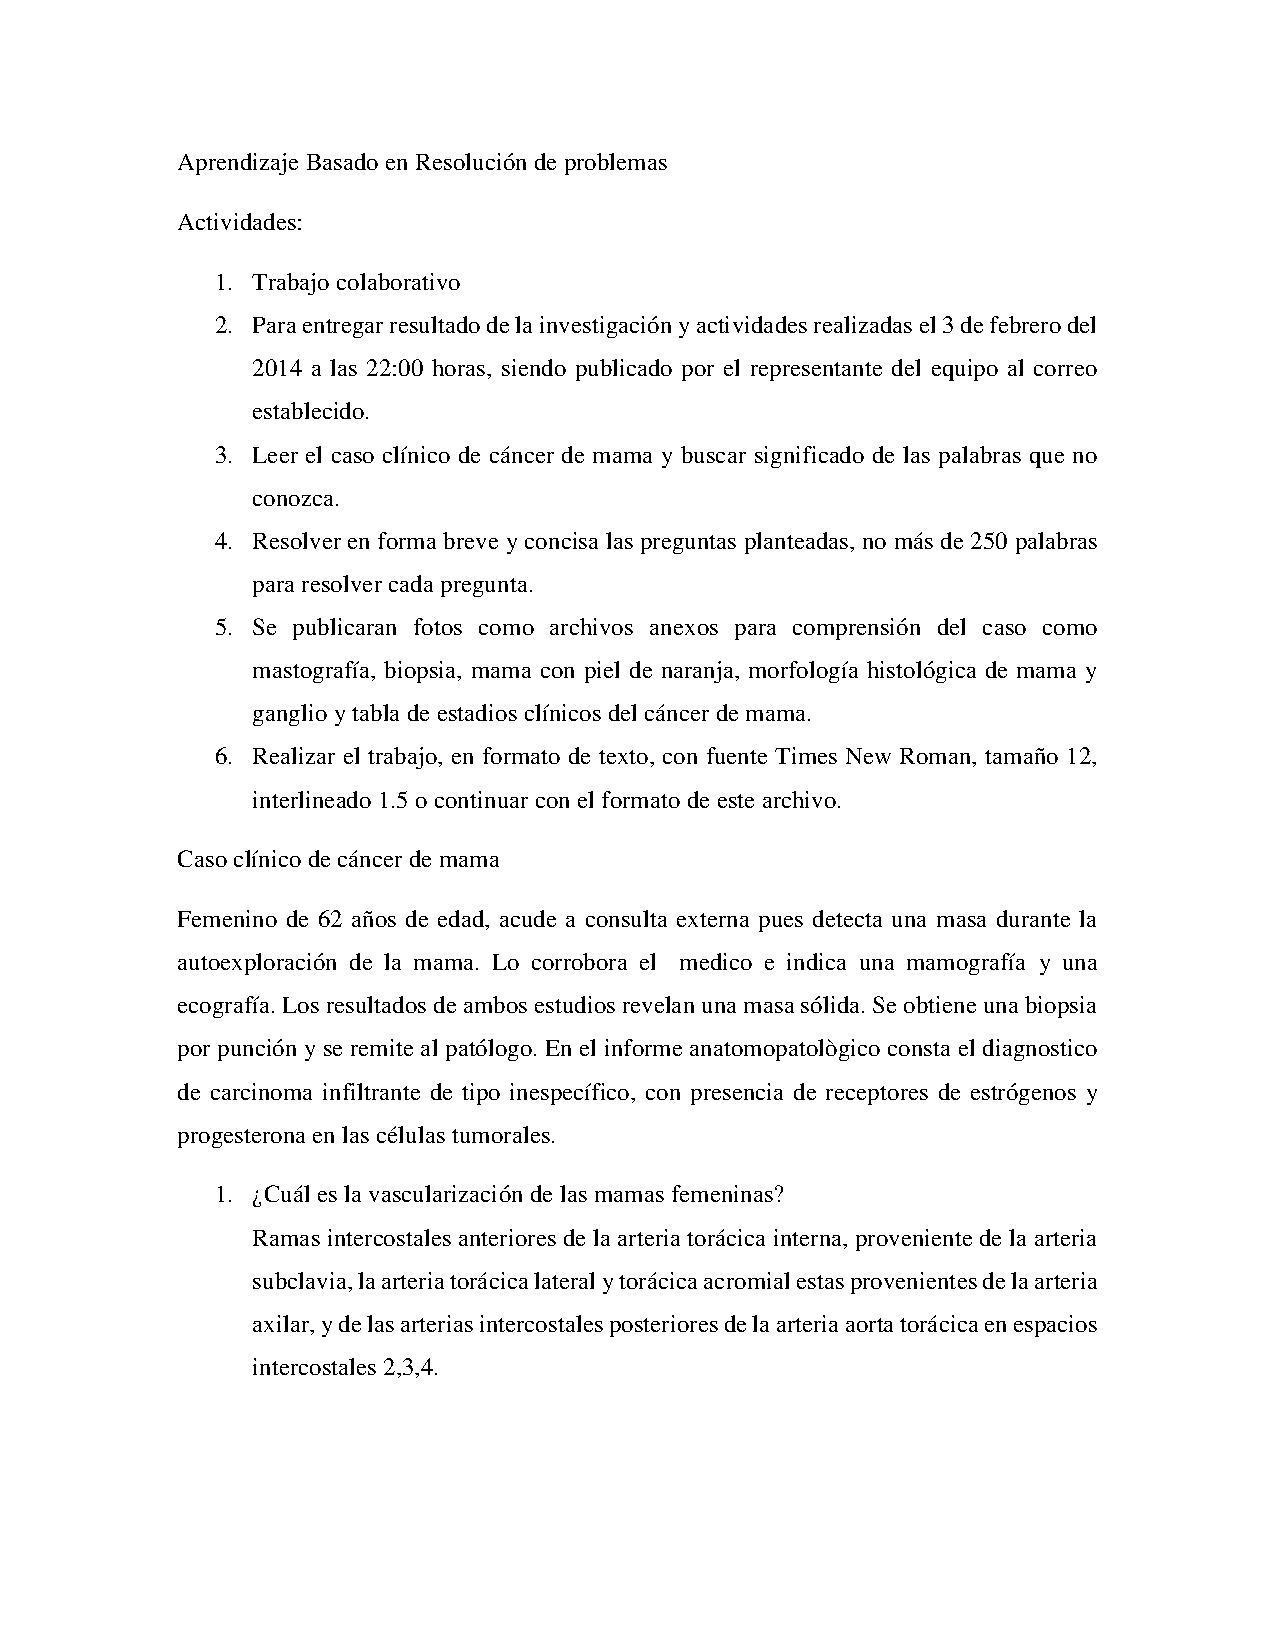 File:Caso clinico de cancer (anatomia).pdf - Wikimedia Commons